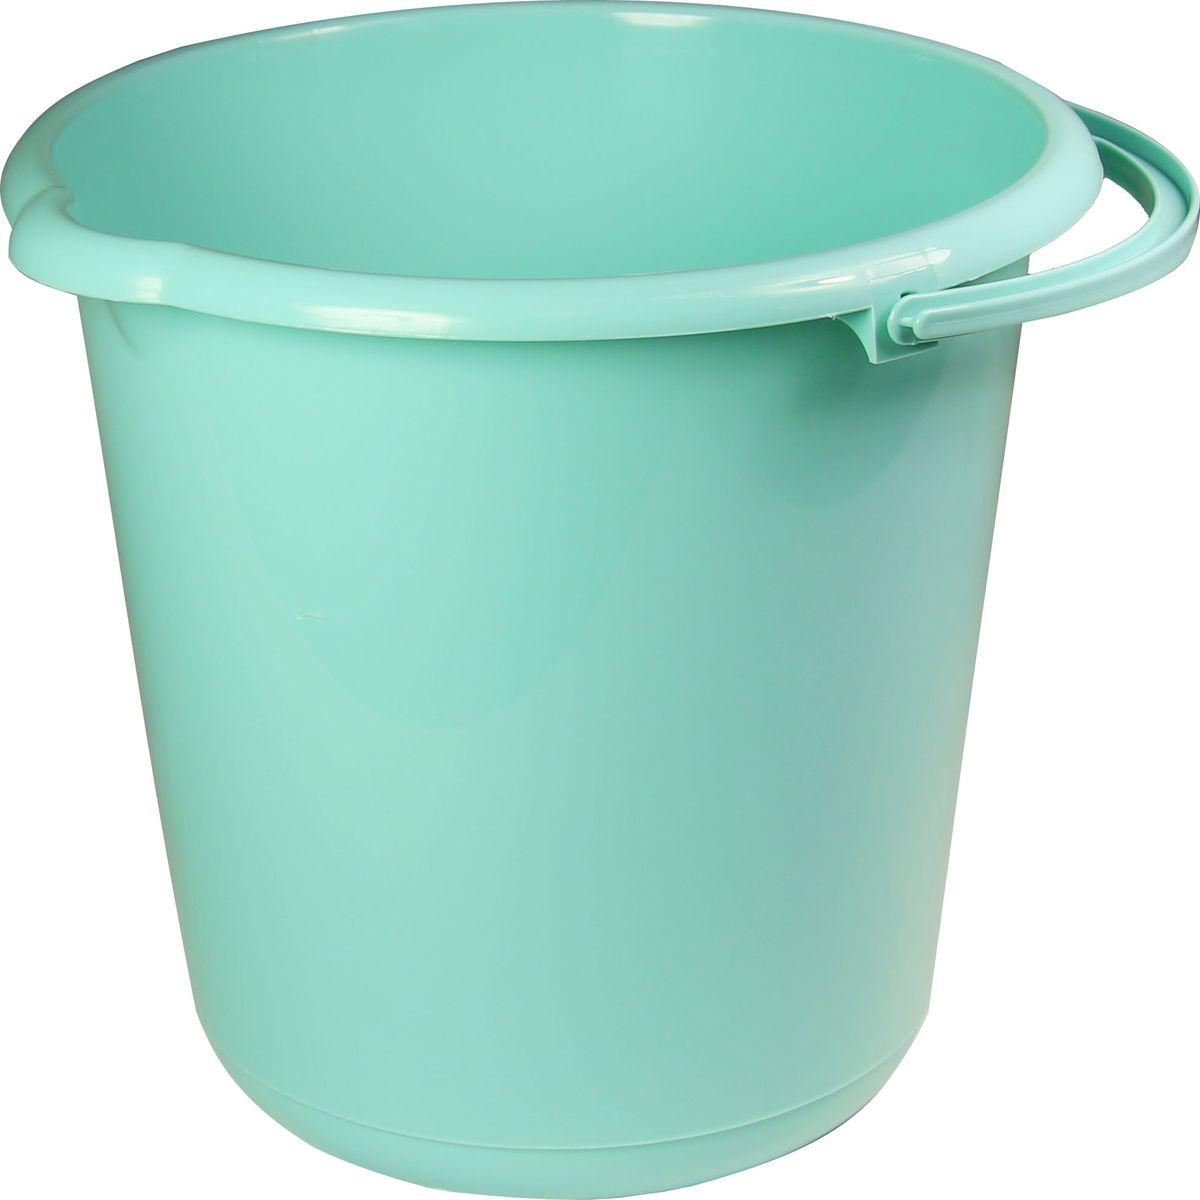 Ведро хозяйственное Idea, цвет: аквамарин, 15 л ведро idea цвет марморный 10 л